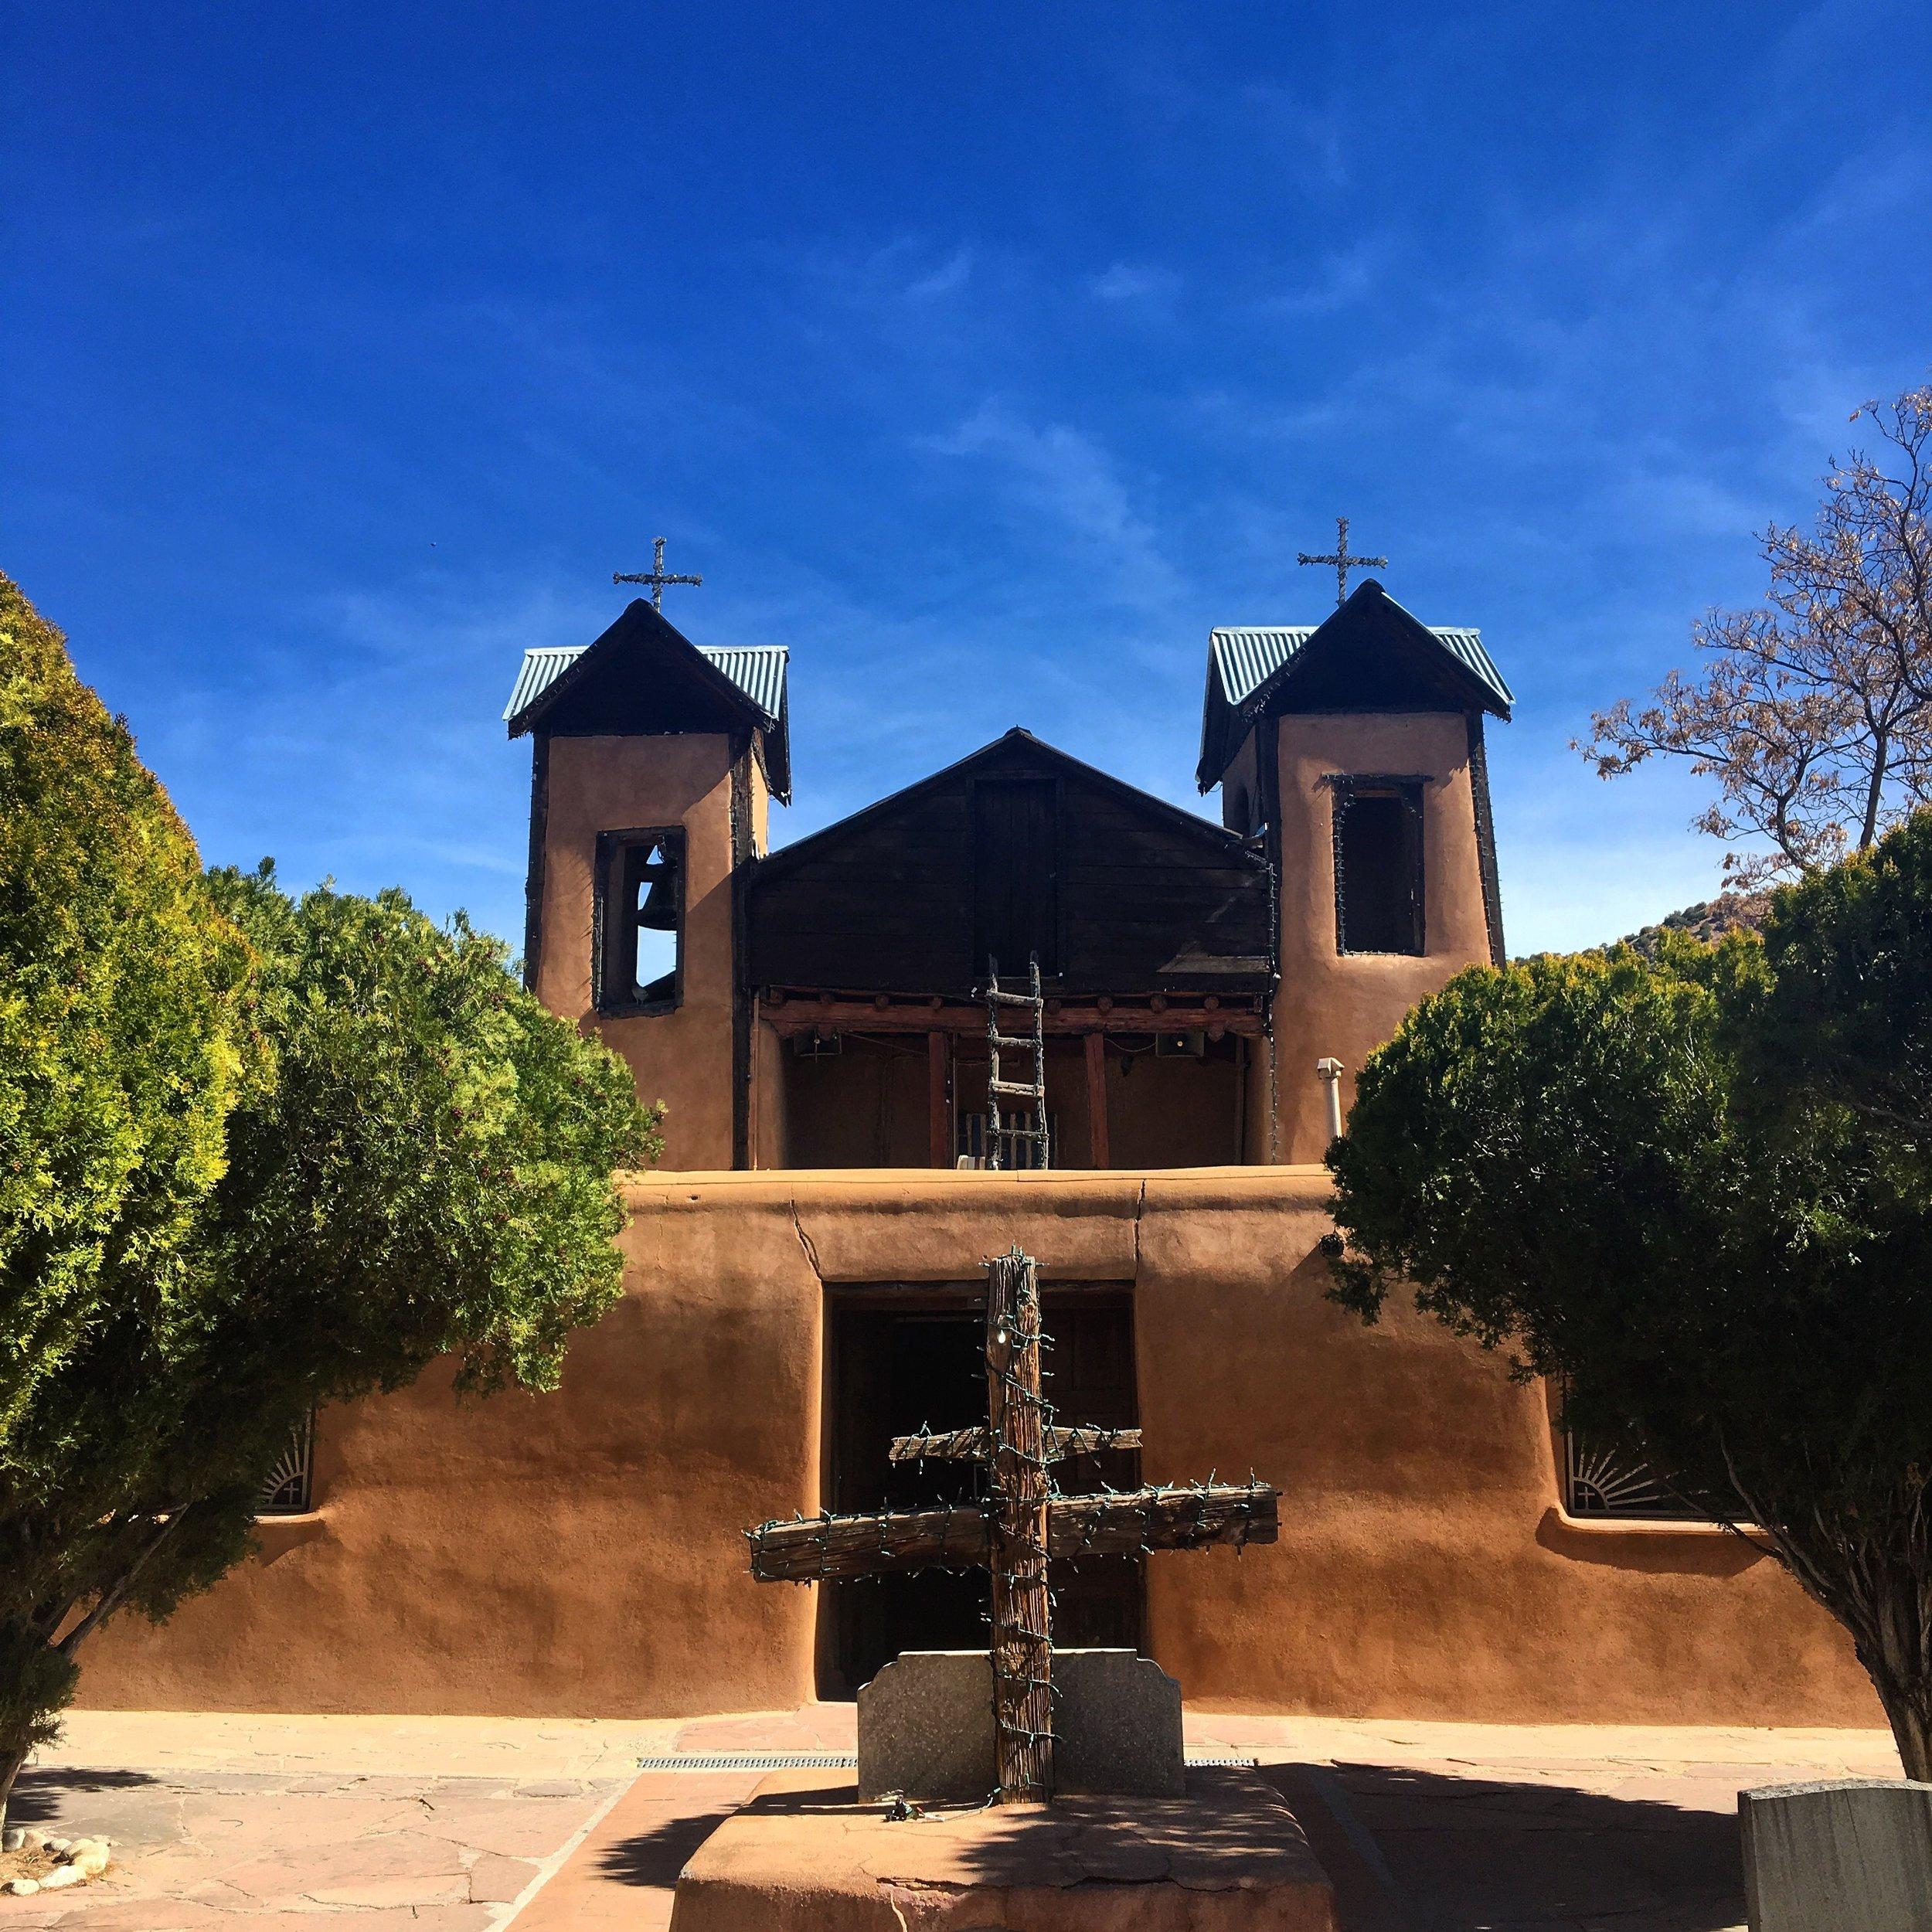 The chapel at El  Santuario de Chimayo